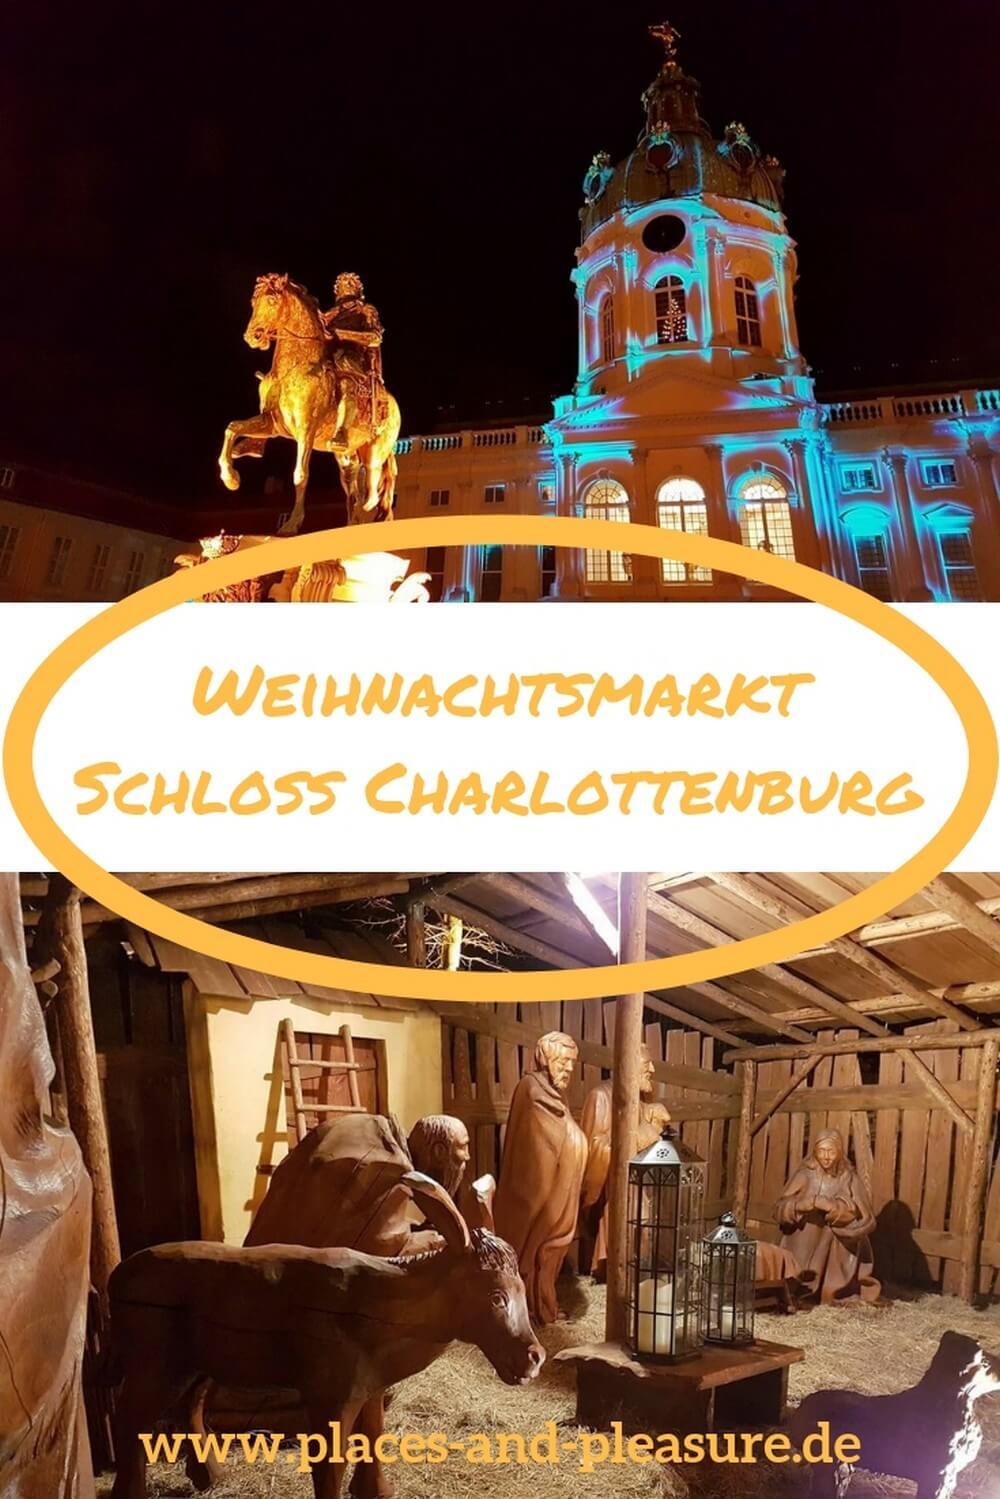 Weihnachtsmarkt vor dem Schloss Charlottenburg: prachtvolle Kulisse, Kunsthandwerk und kulinarische Leckereien. Eines meiner Highlights unter den Berliner Weihnachtsmärkten. #Weihnachtsmarkt #Berlin #Reisetipp